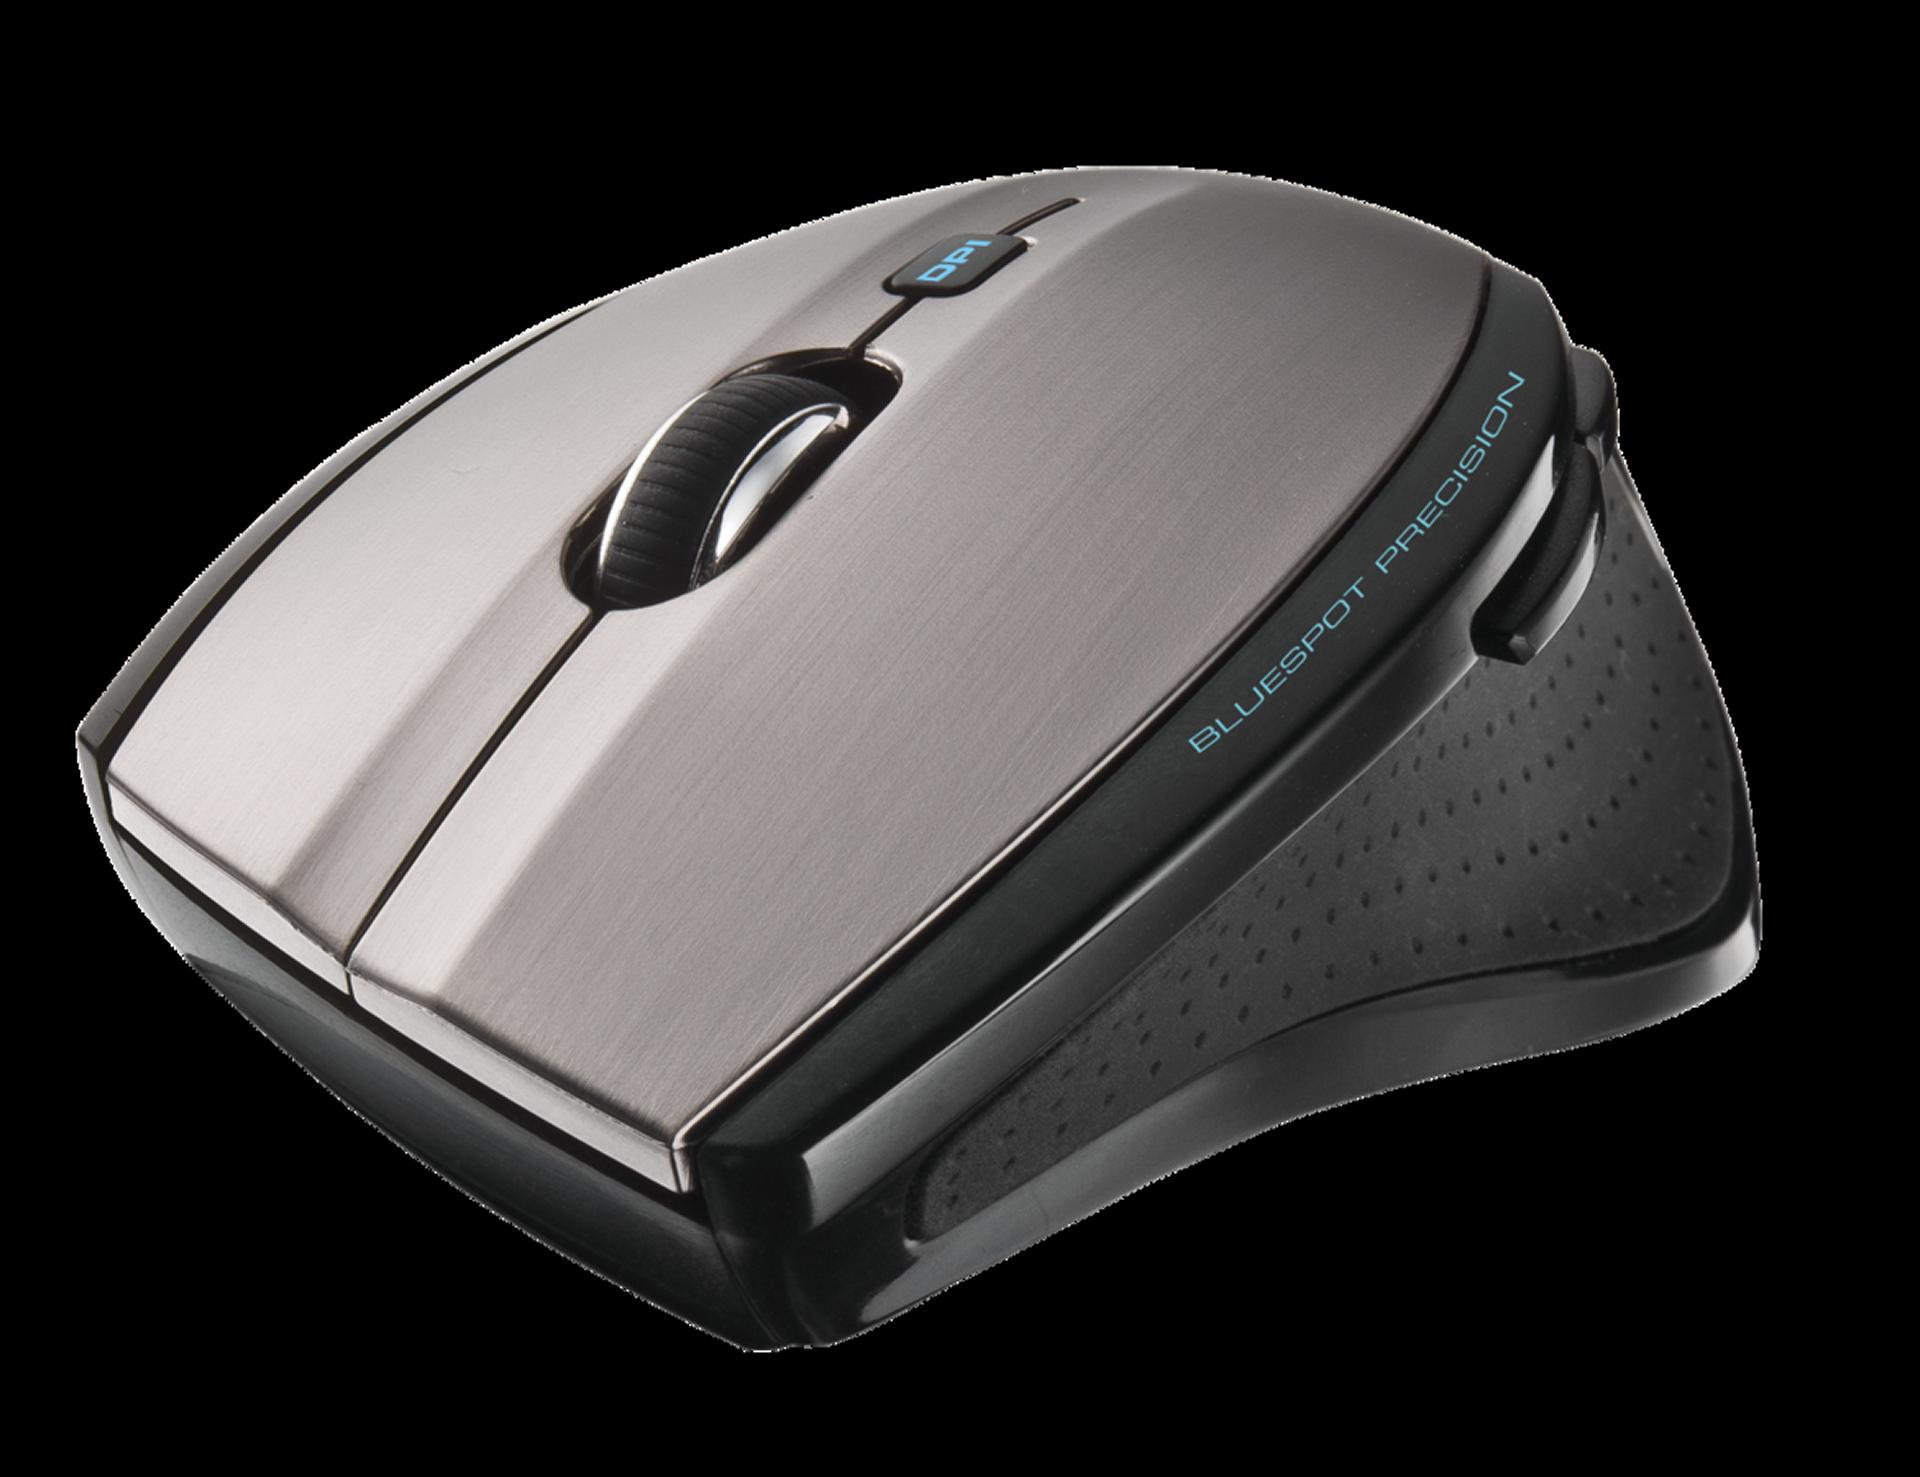 myš TRUST MaxTrack Wireless Mini Mouse